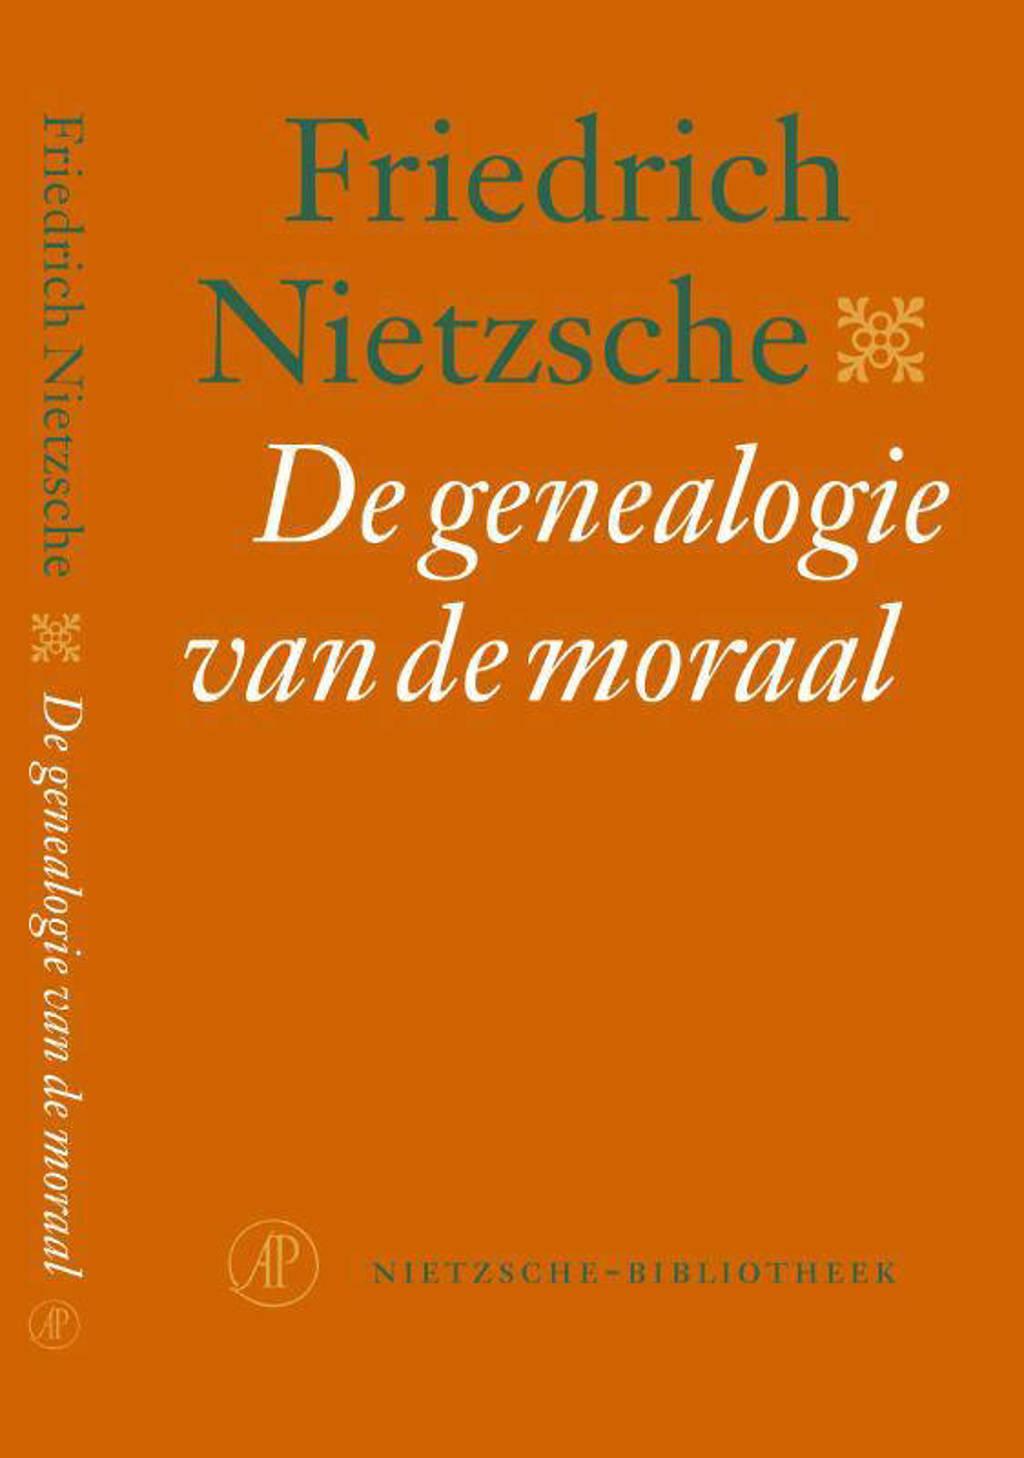 Nietzsche-bibliotheek: De genealogie van de moraal - Friedrich Nietzsche